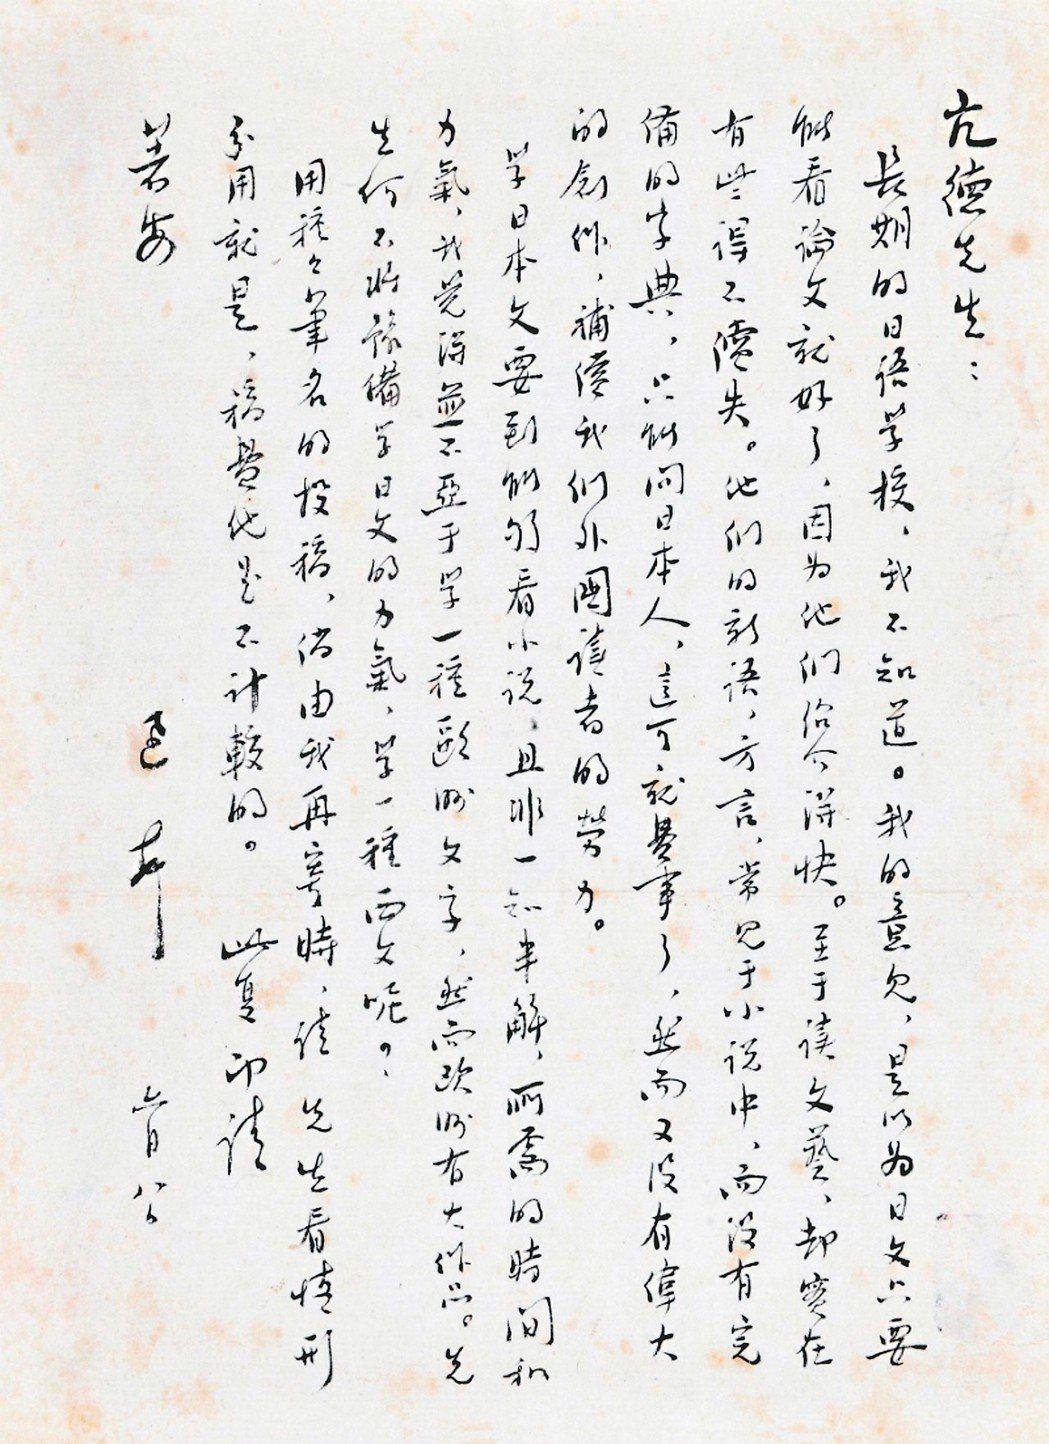 魯迅《致陶亢德函》,成交價為人民幣655.5萬元。 圖/谷公館、松蔭藝術、敦煌藝...